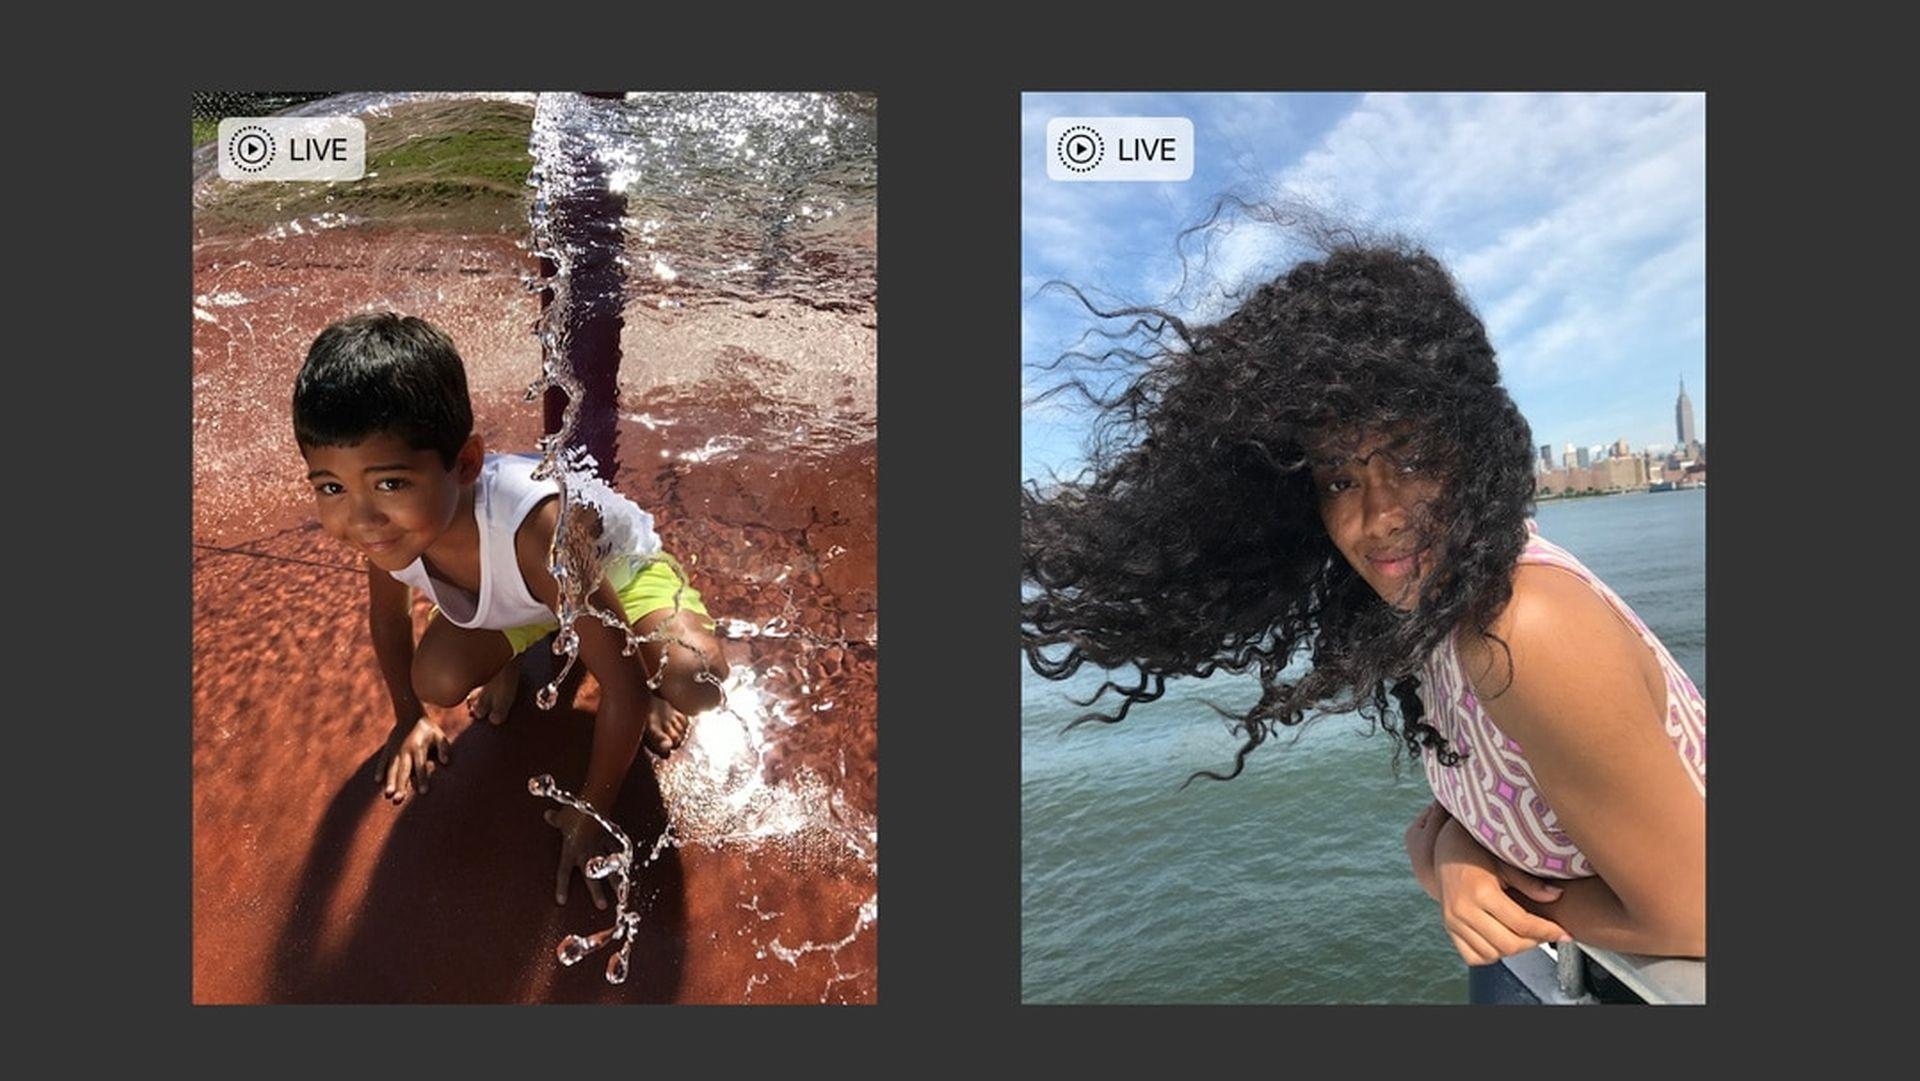 Jak przekonwertować Live Photo na film w iPhonie?